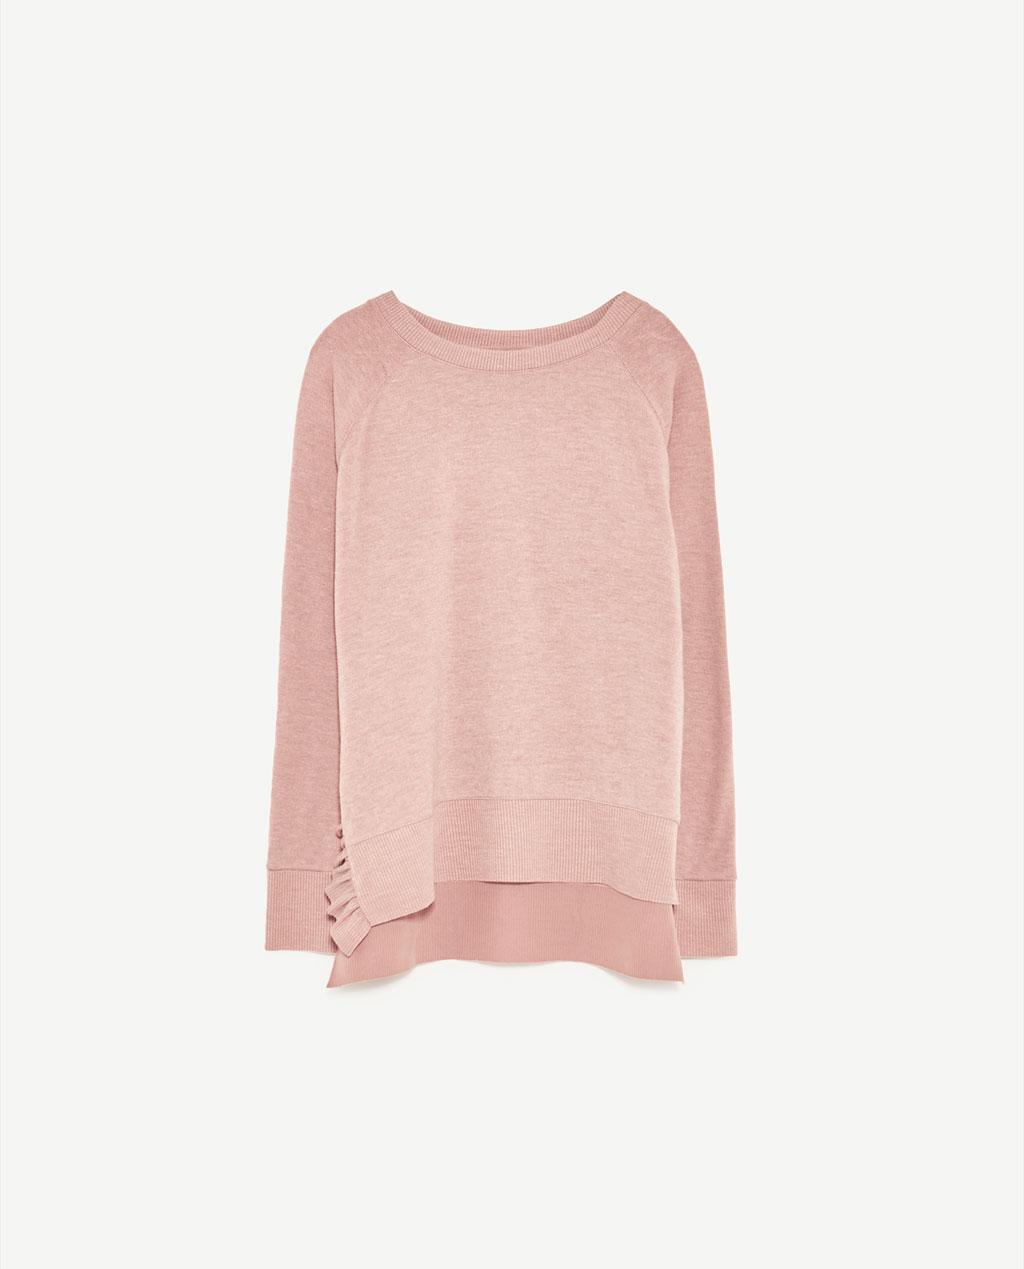 Women's Frill Sweater: Sale $14.95, Regular $29.90